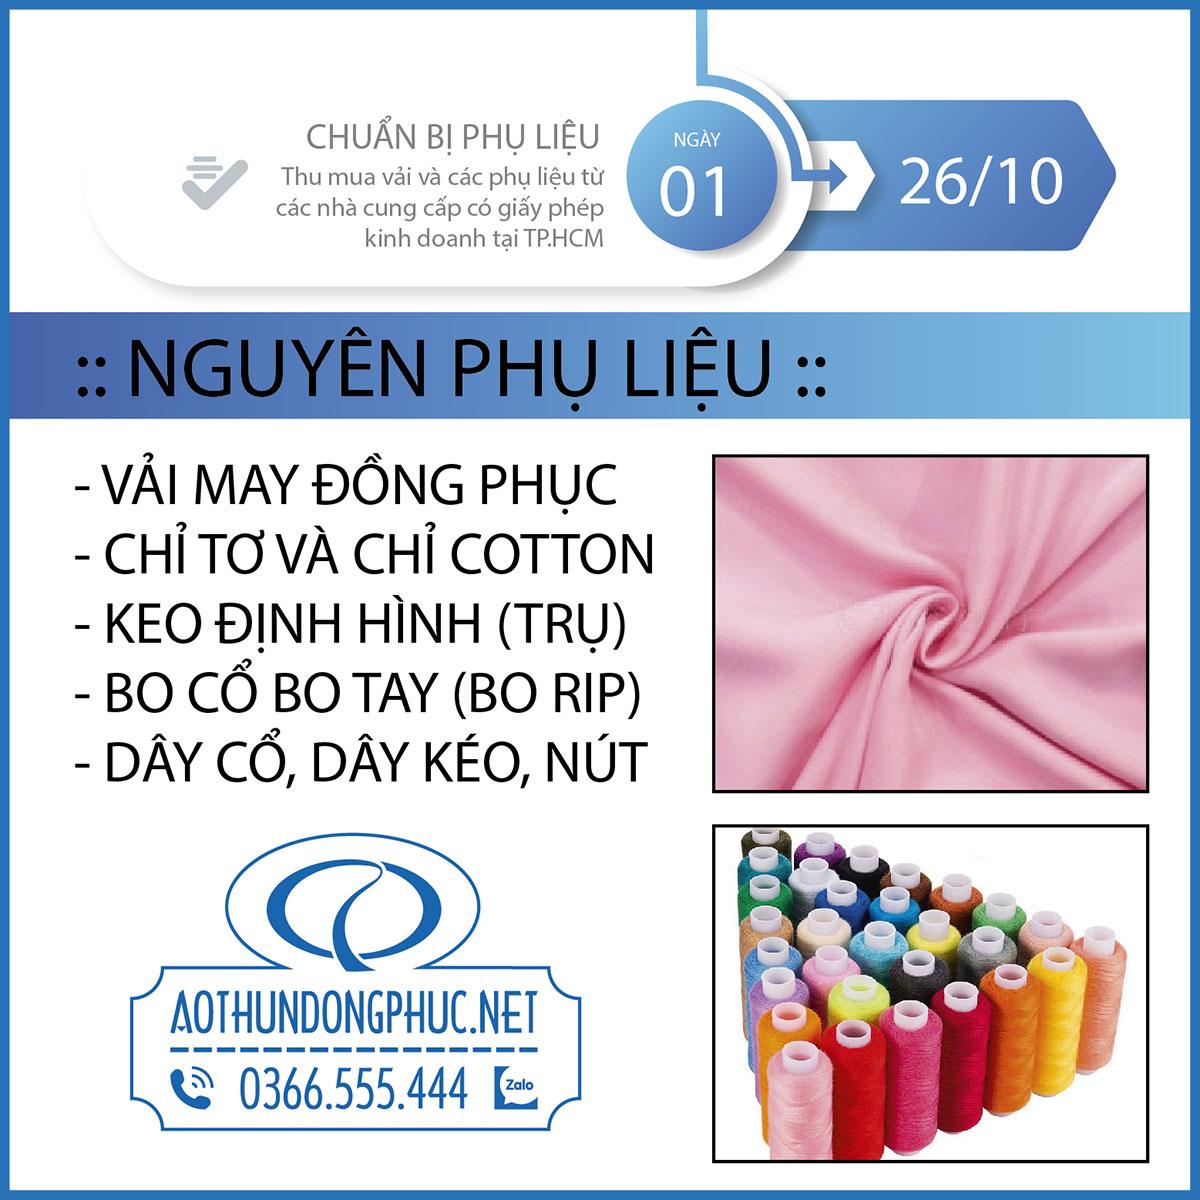 Quy trình các khâu sản xuất đồng phục áo thun bước 1